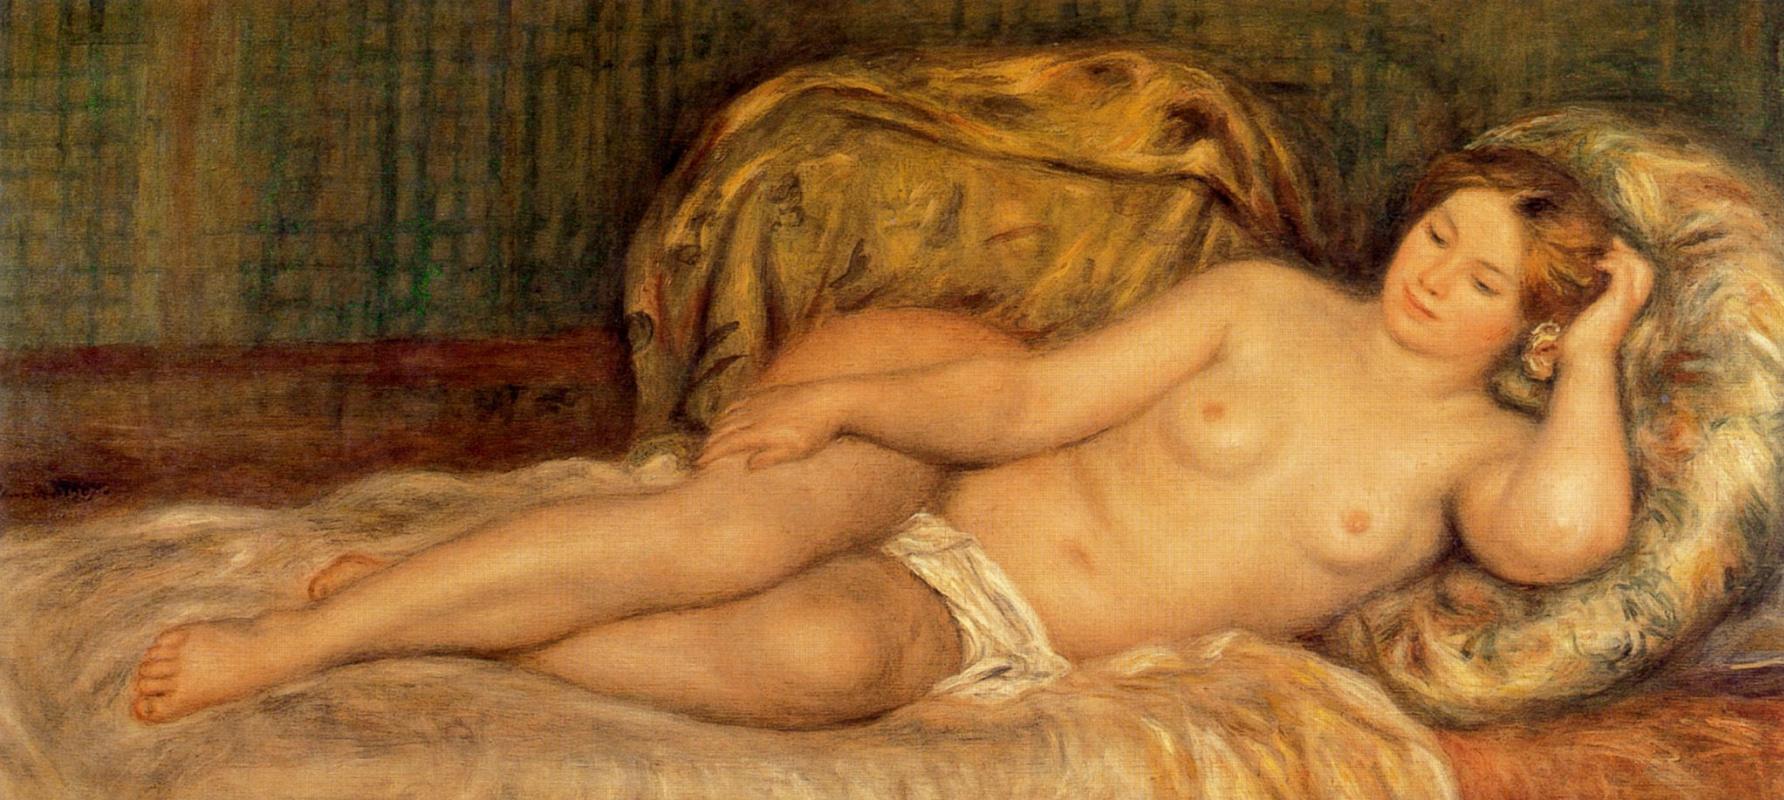 Pierre-Auguste Renoir. Great Nude